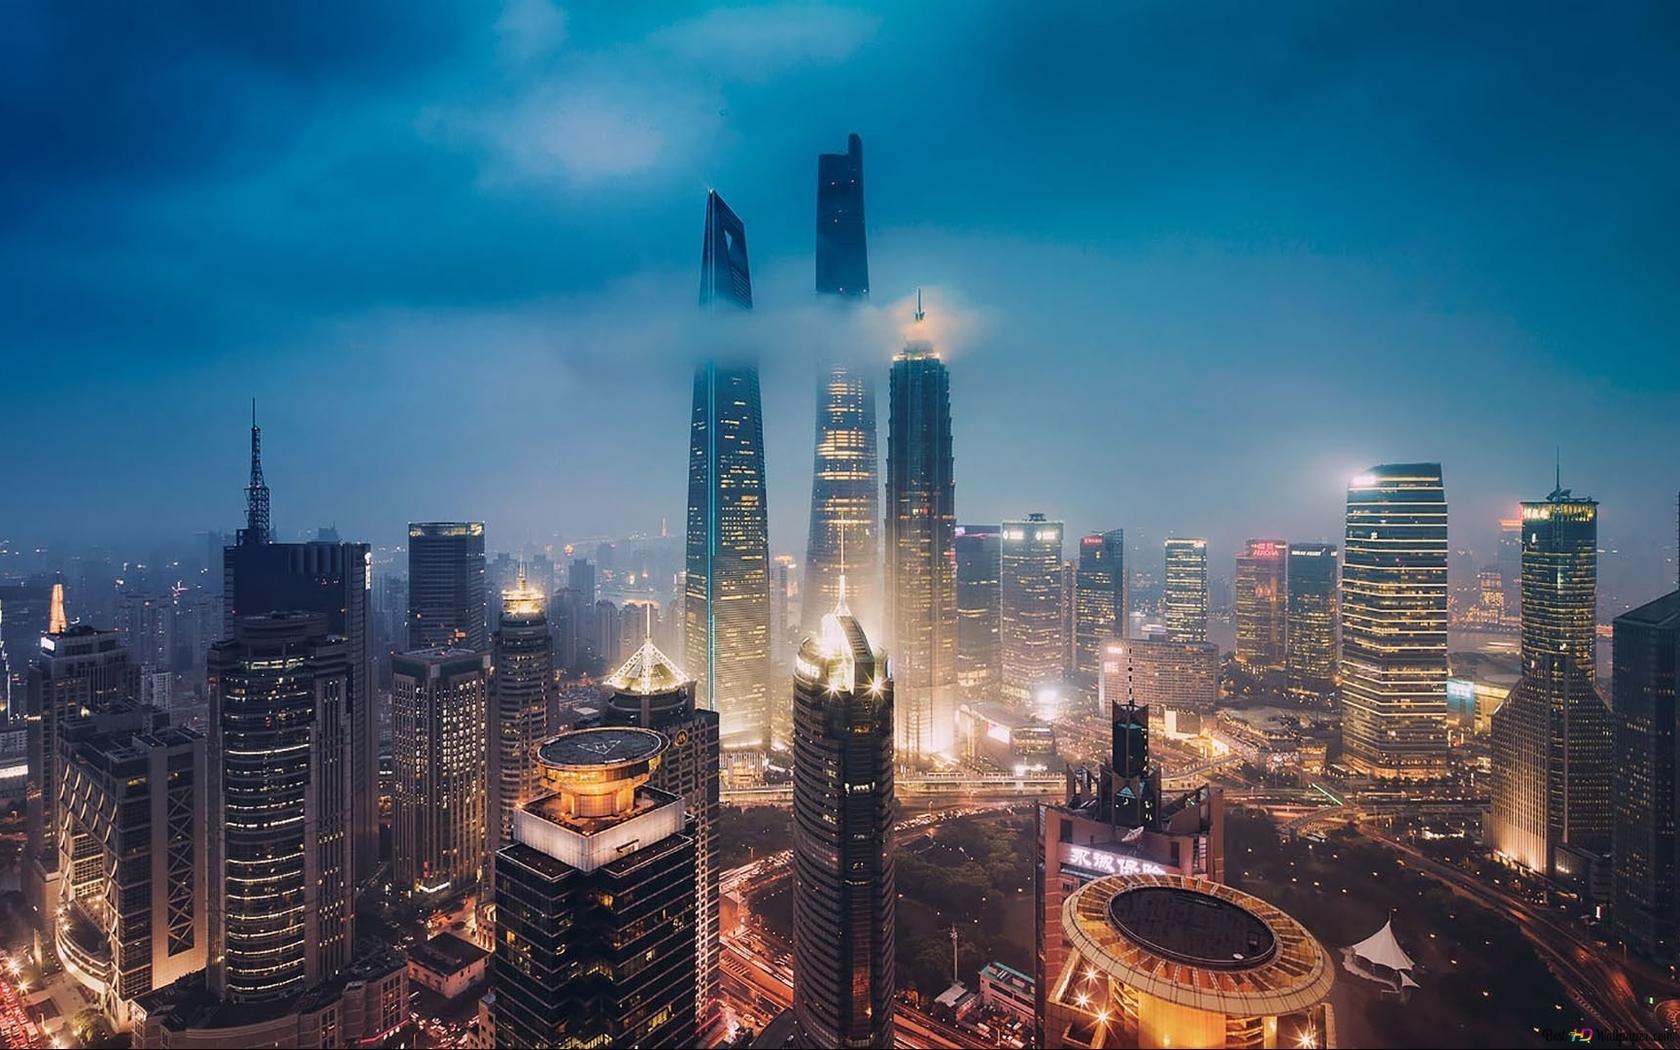 夜に超高層ビルの建物 Hd壁紙のダウンロード